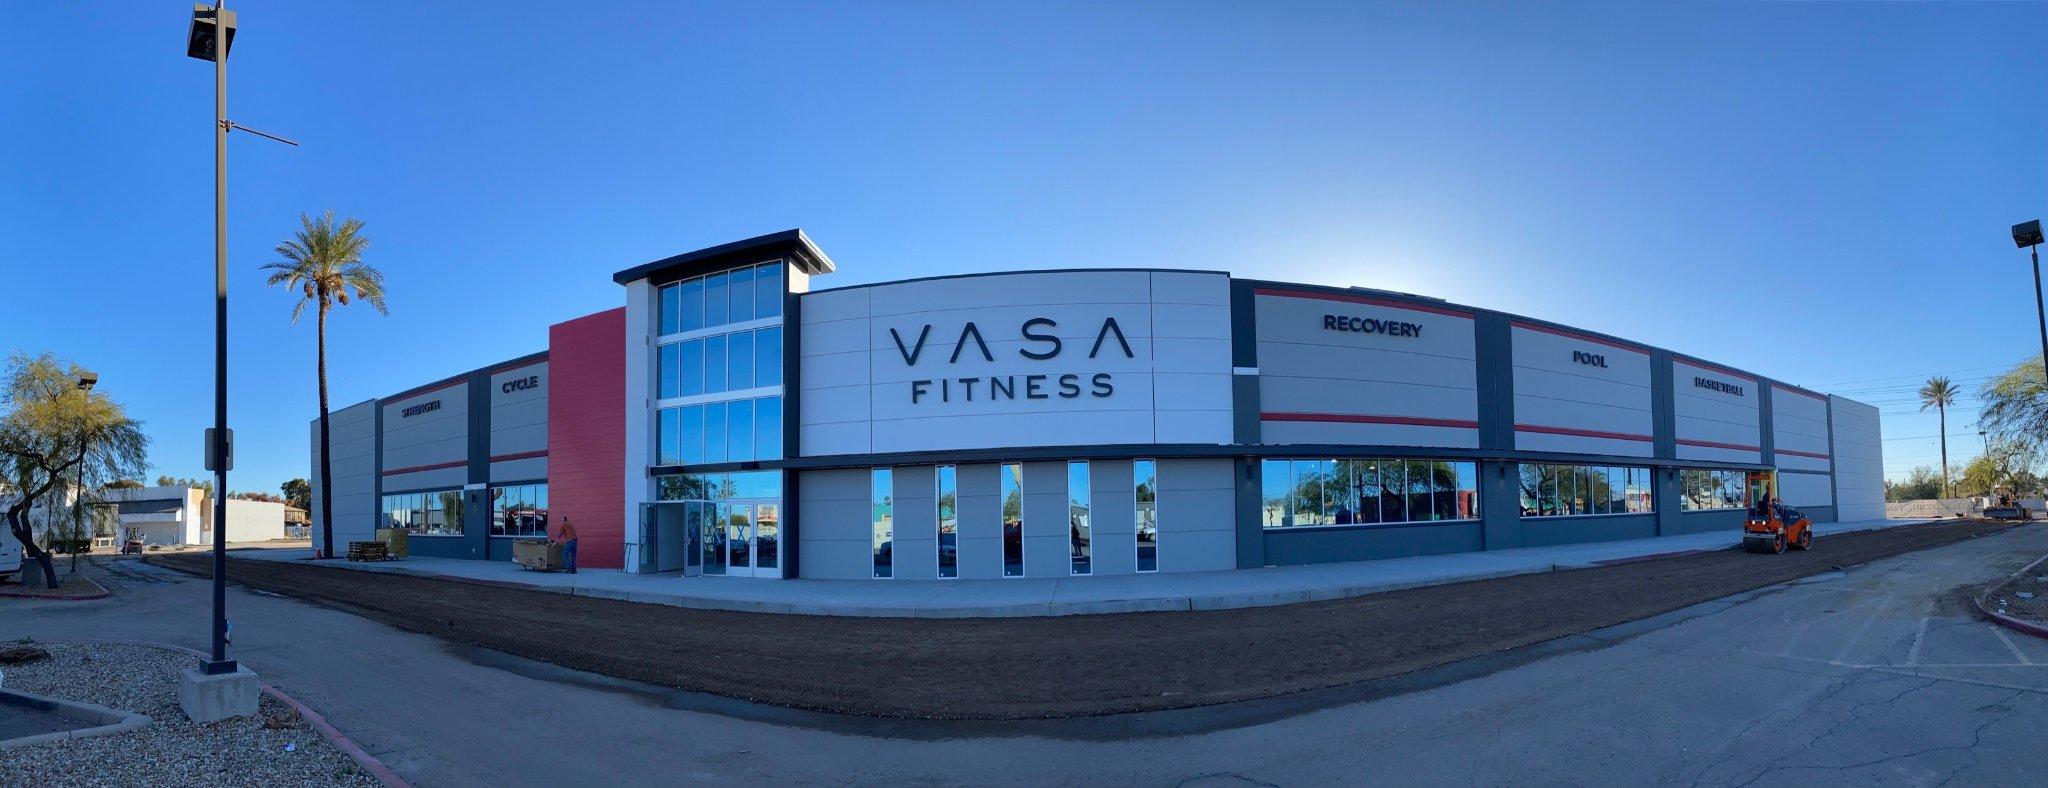 Vasa Fitness Aurora Fresh Chalk